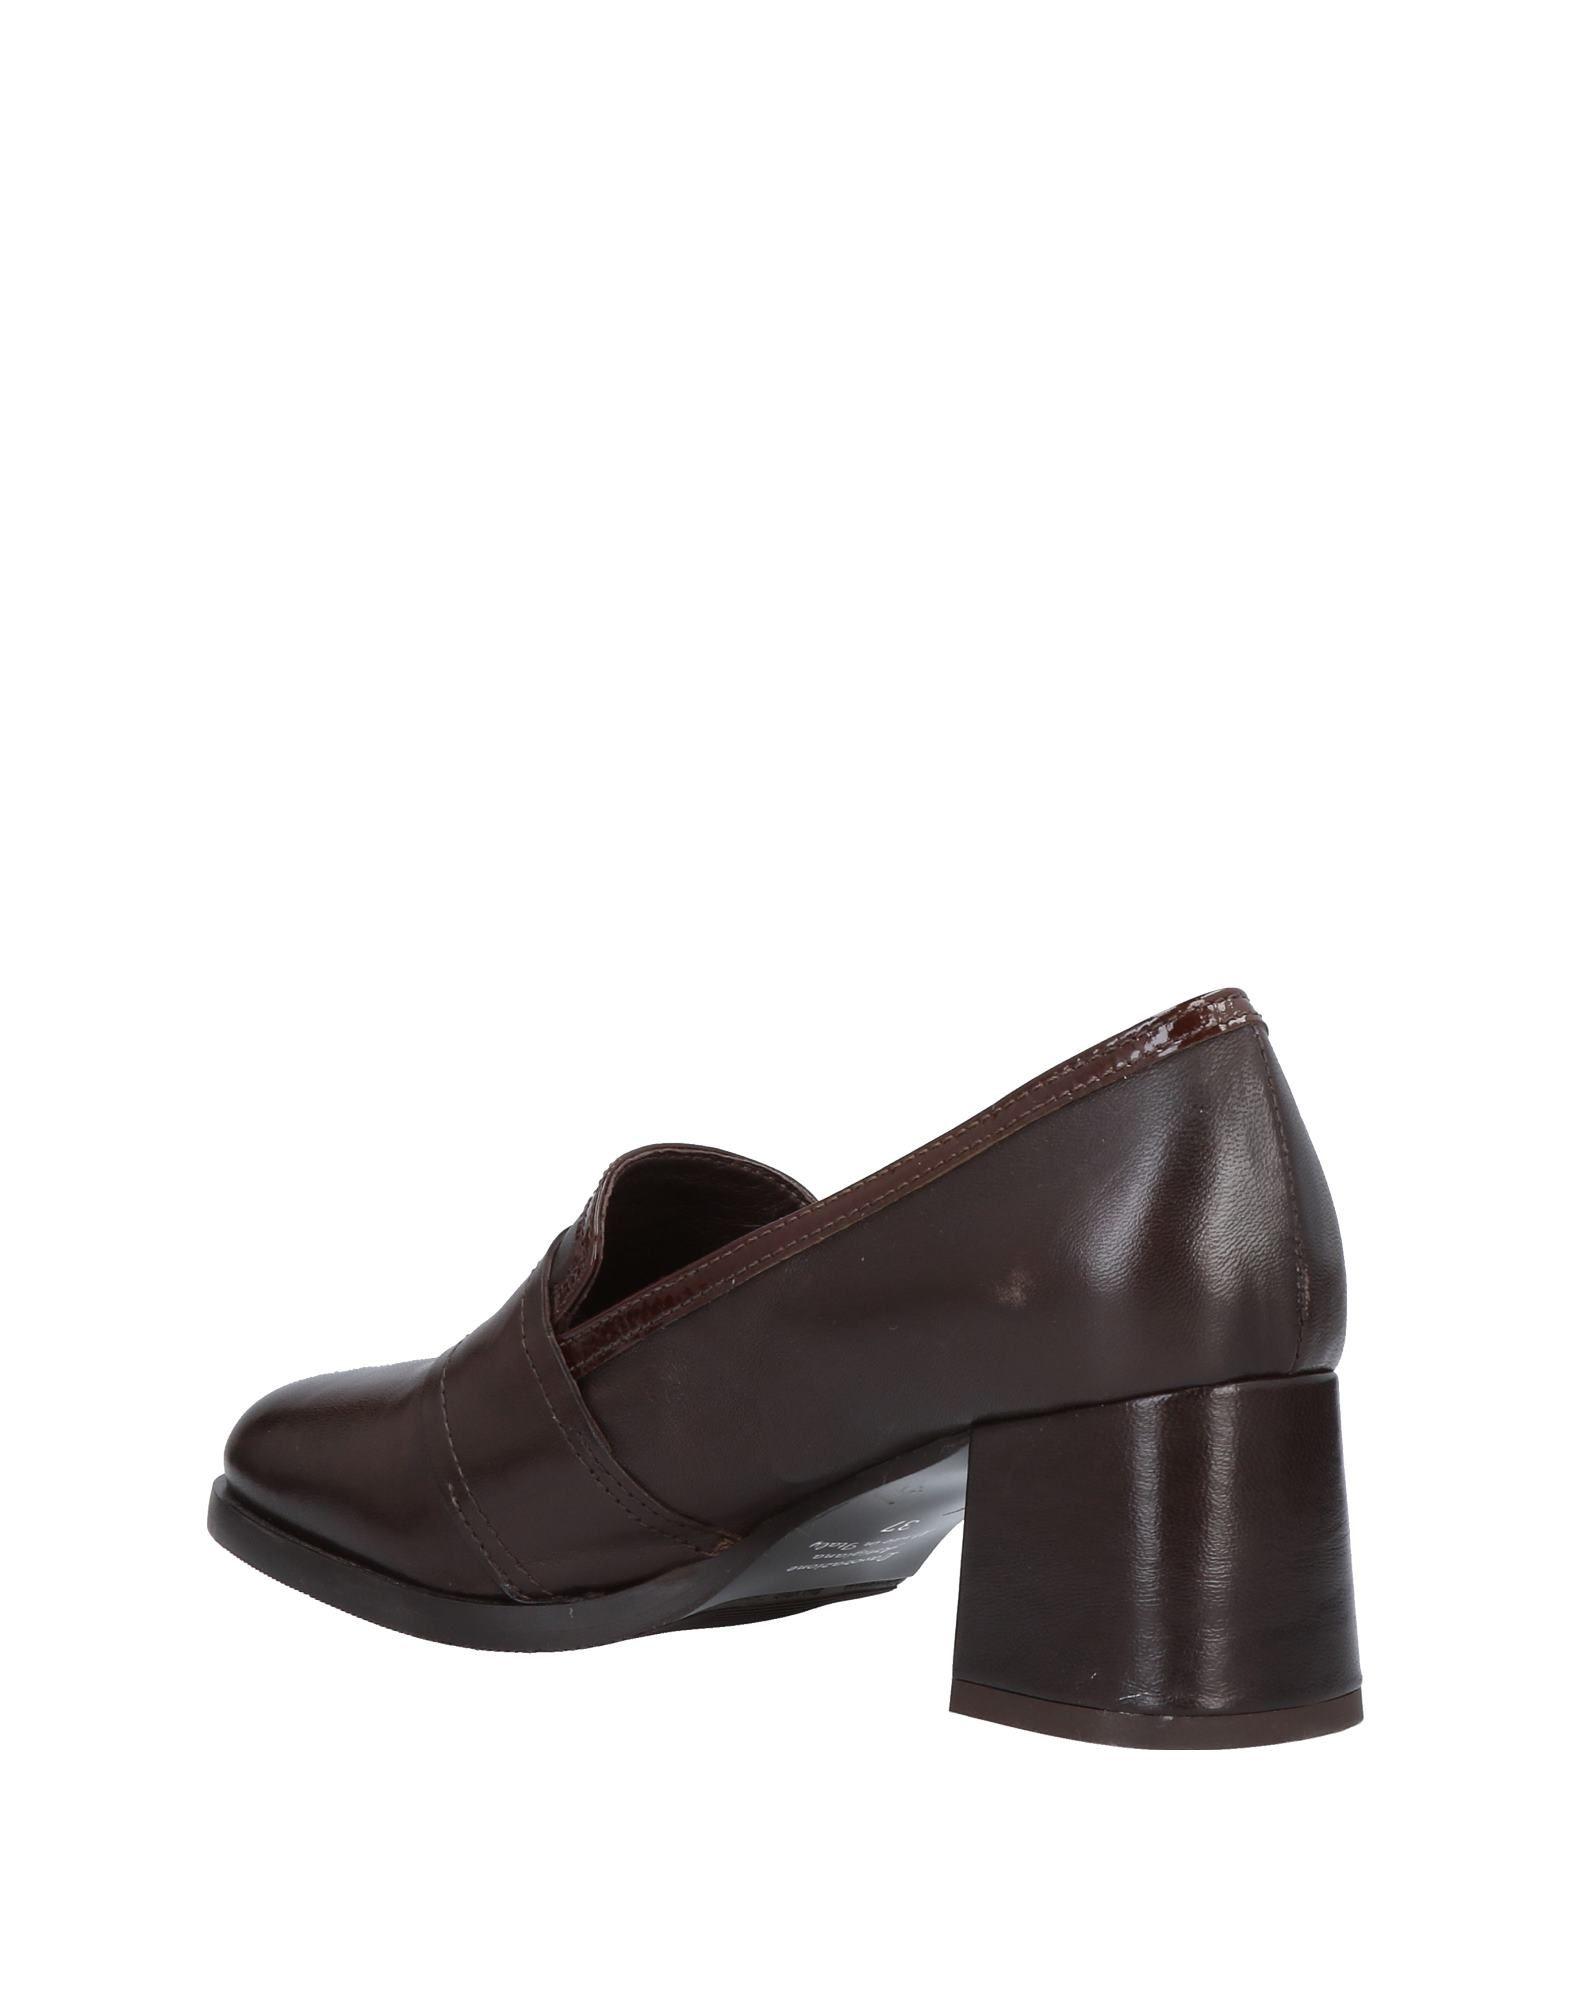 Mally Mokassins Damen  beliebte 11473106DK Gute Qualität beliebte  Schuhe 3c848e